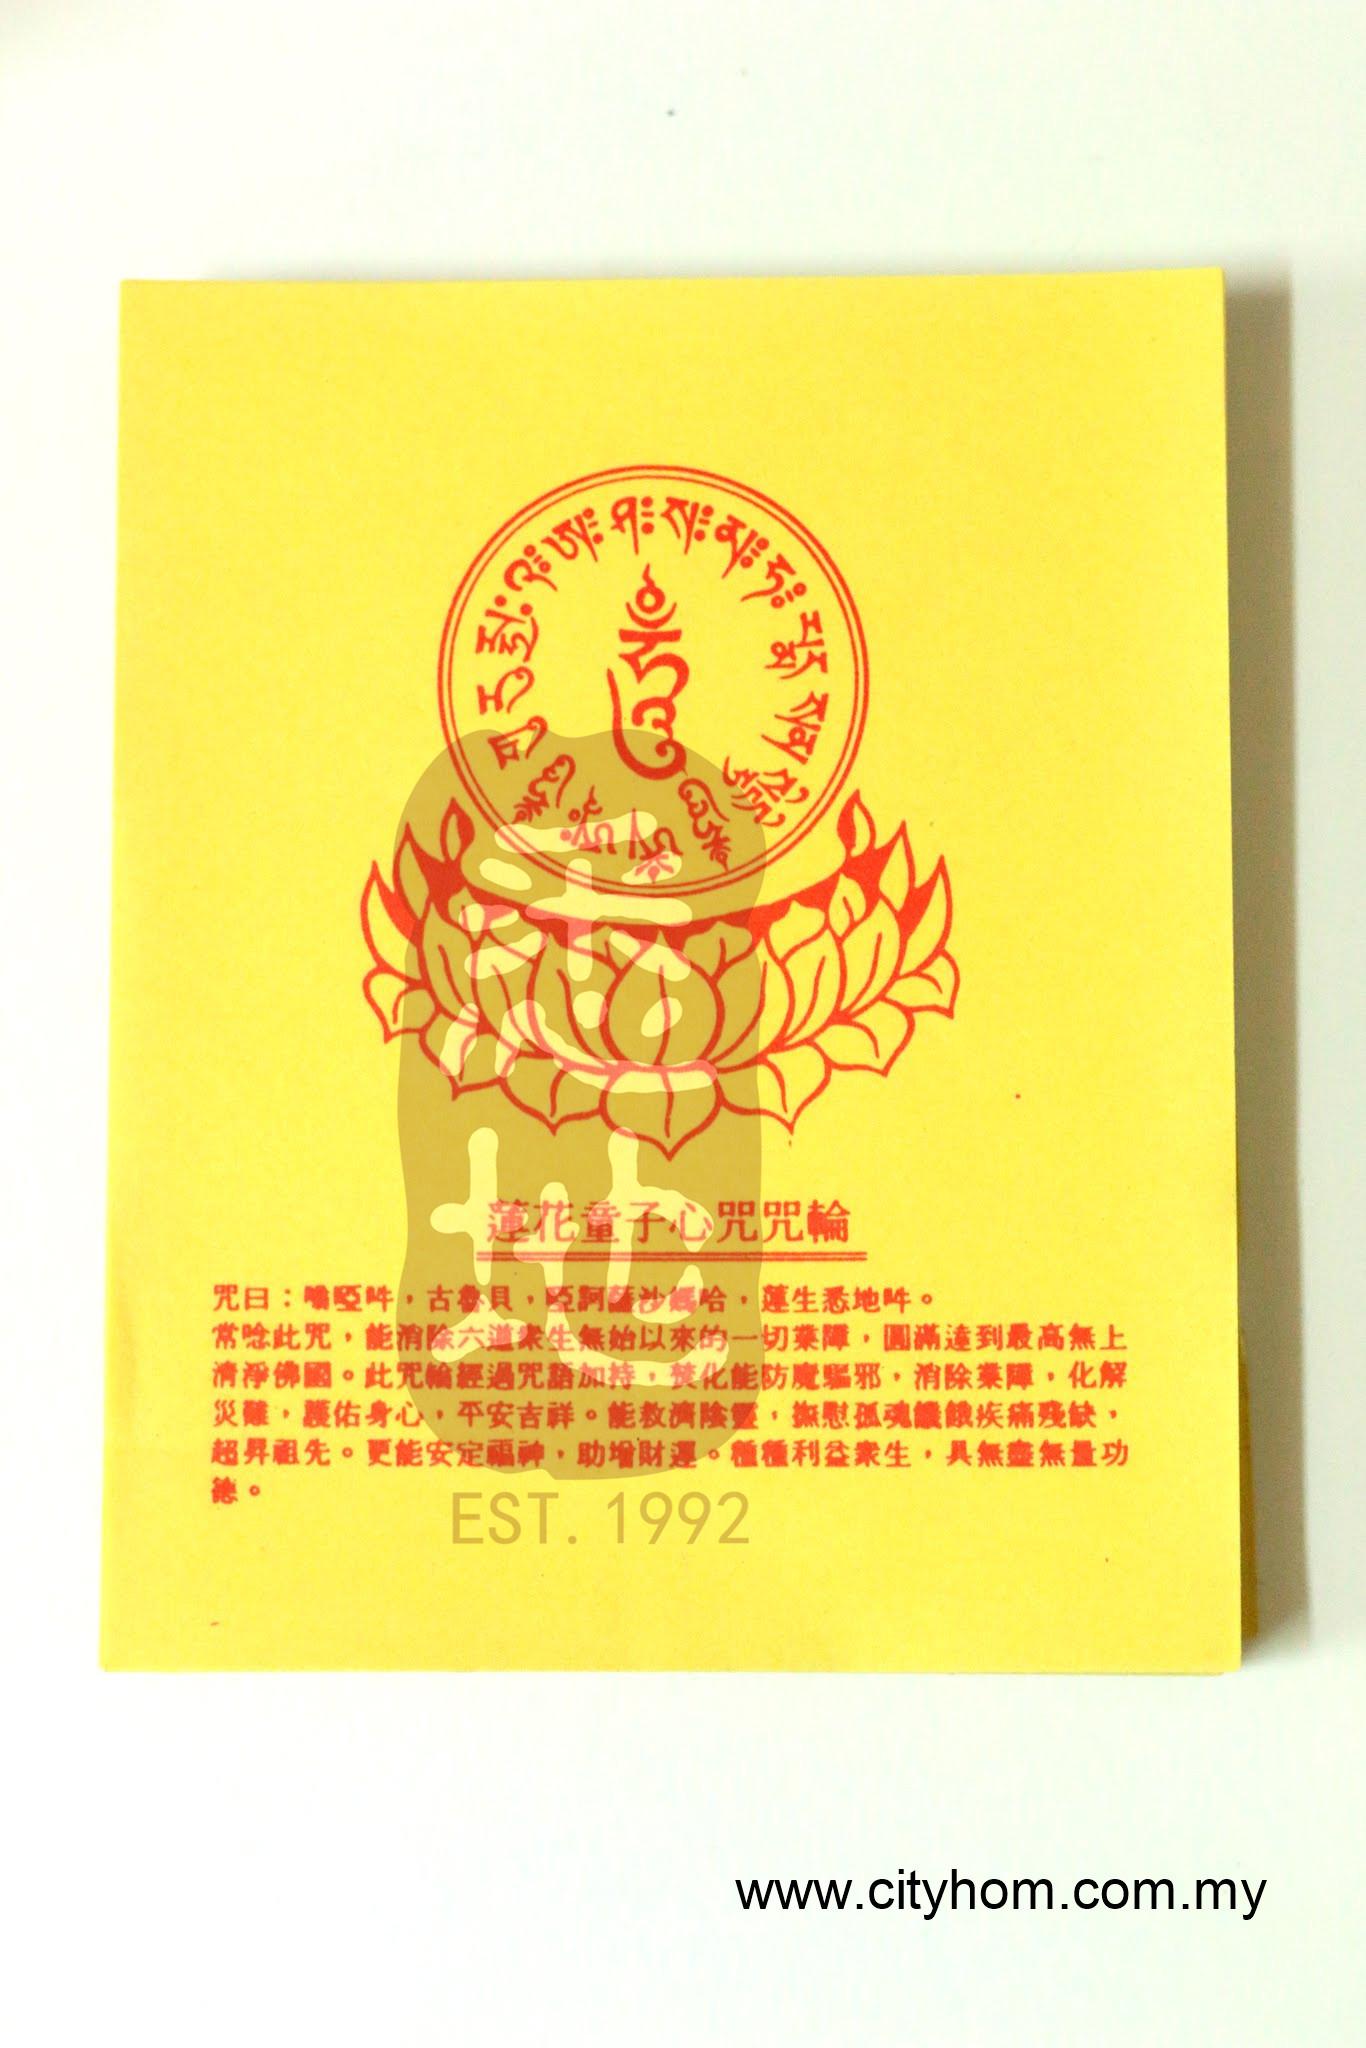 真佛小紙金-蓮花童子心咒咒輪 – Cityhom Services 悉地印務出版中心